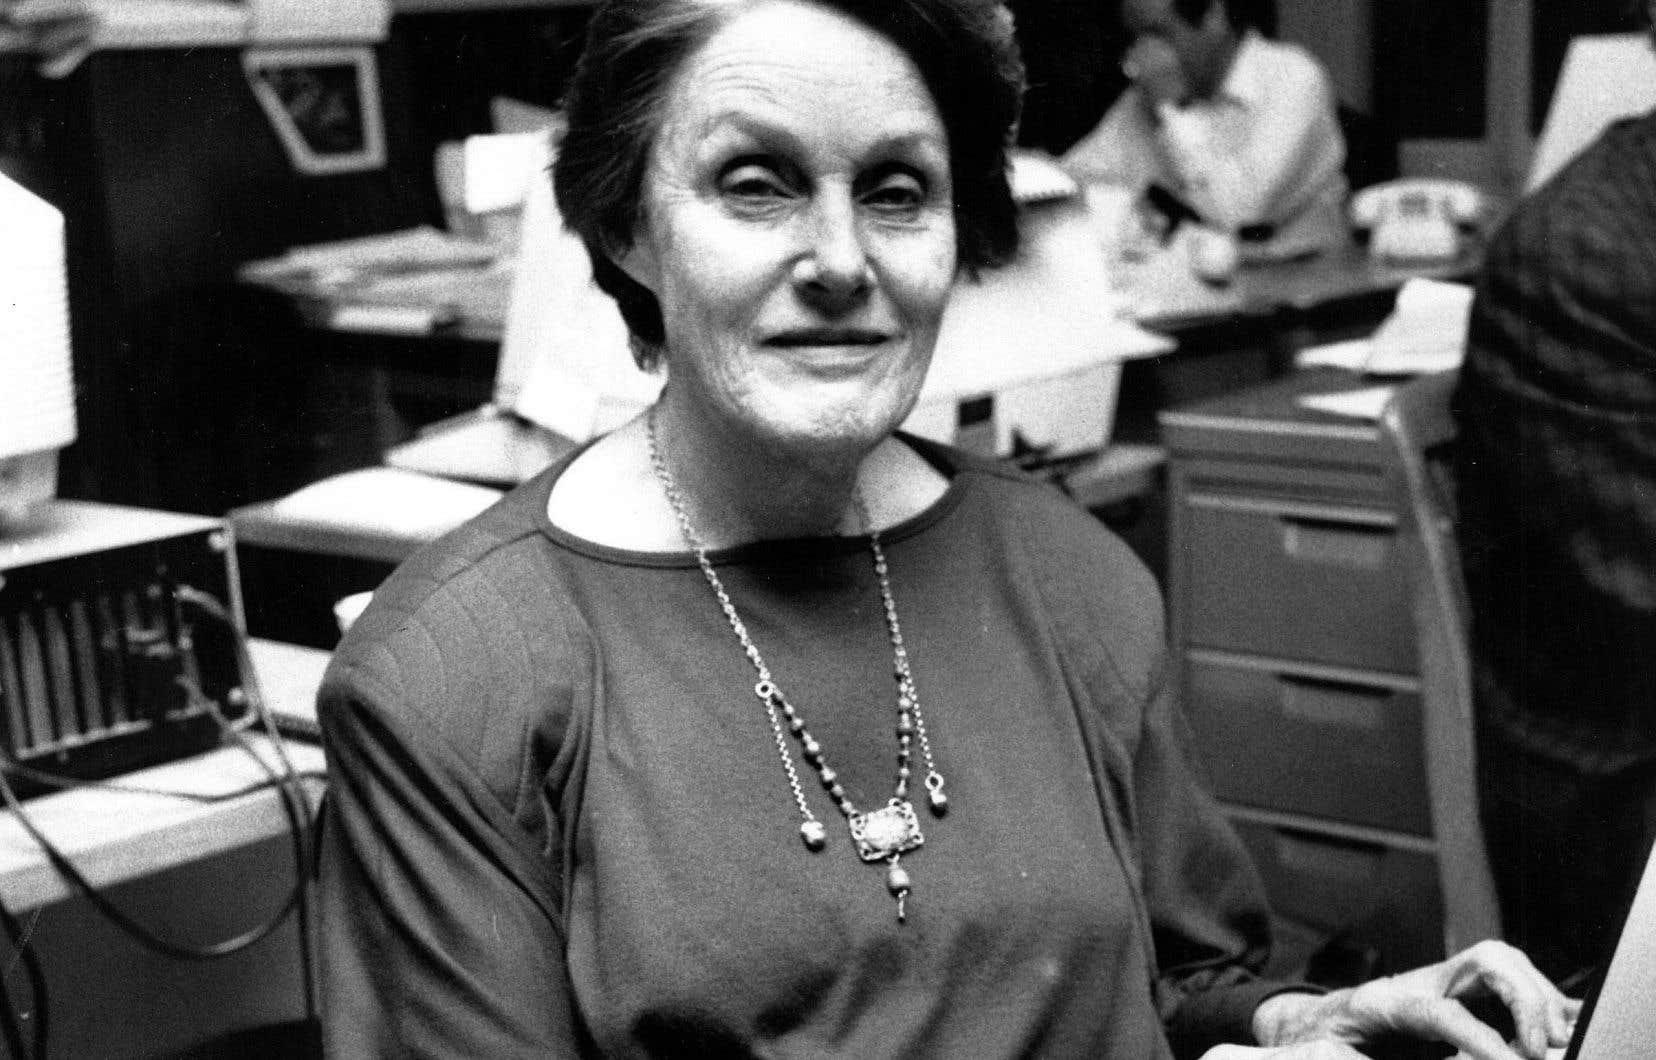 Renée Rowan est la première femme journaliste à Montréal à la fin des années 1940 à être exclusivement attitrée à la section générale d'un grand quotidien.